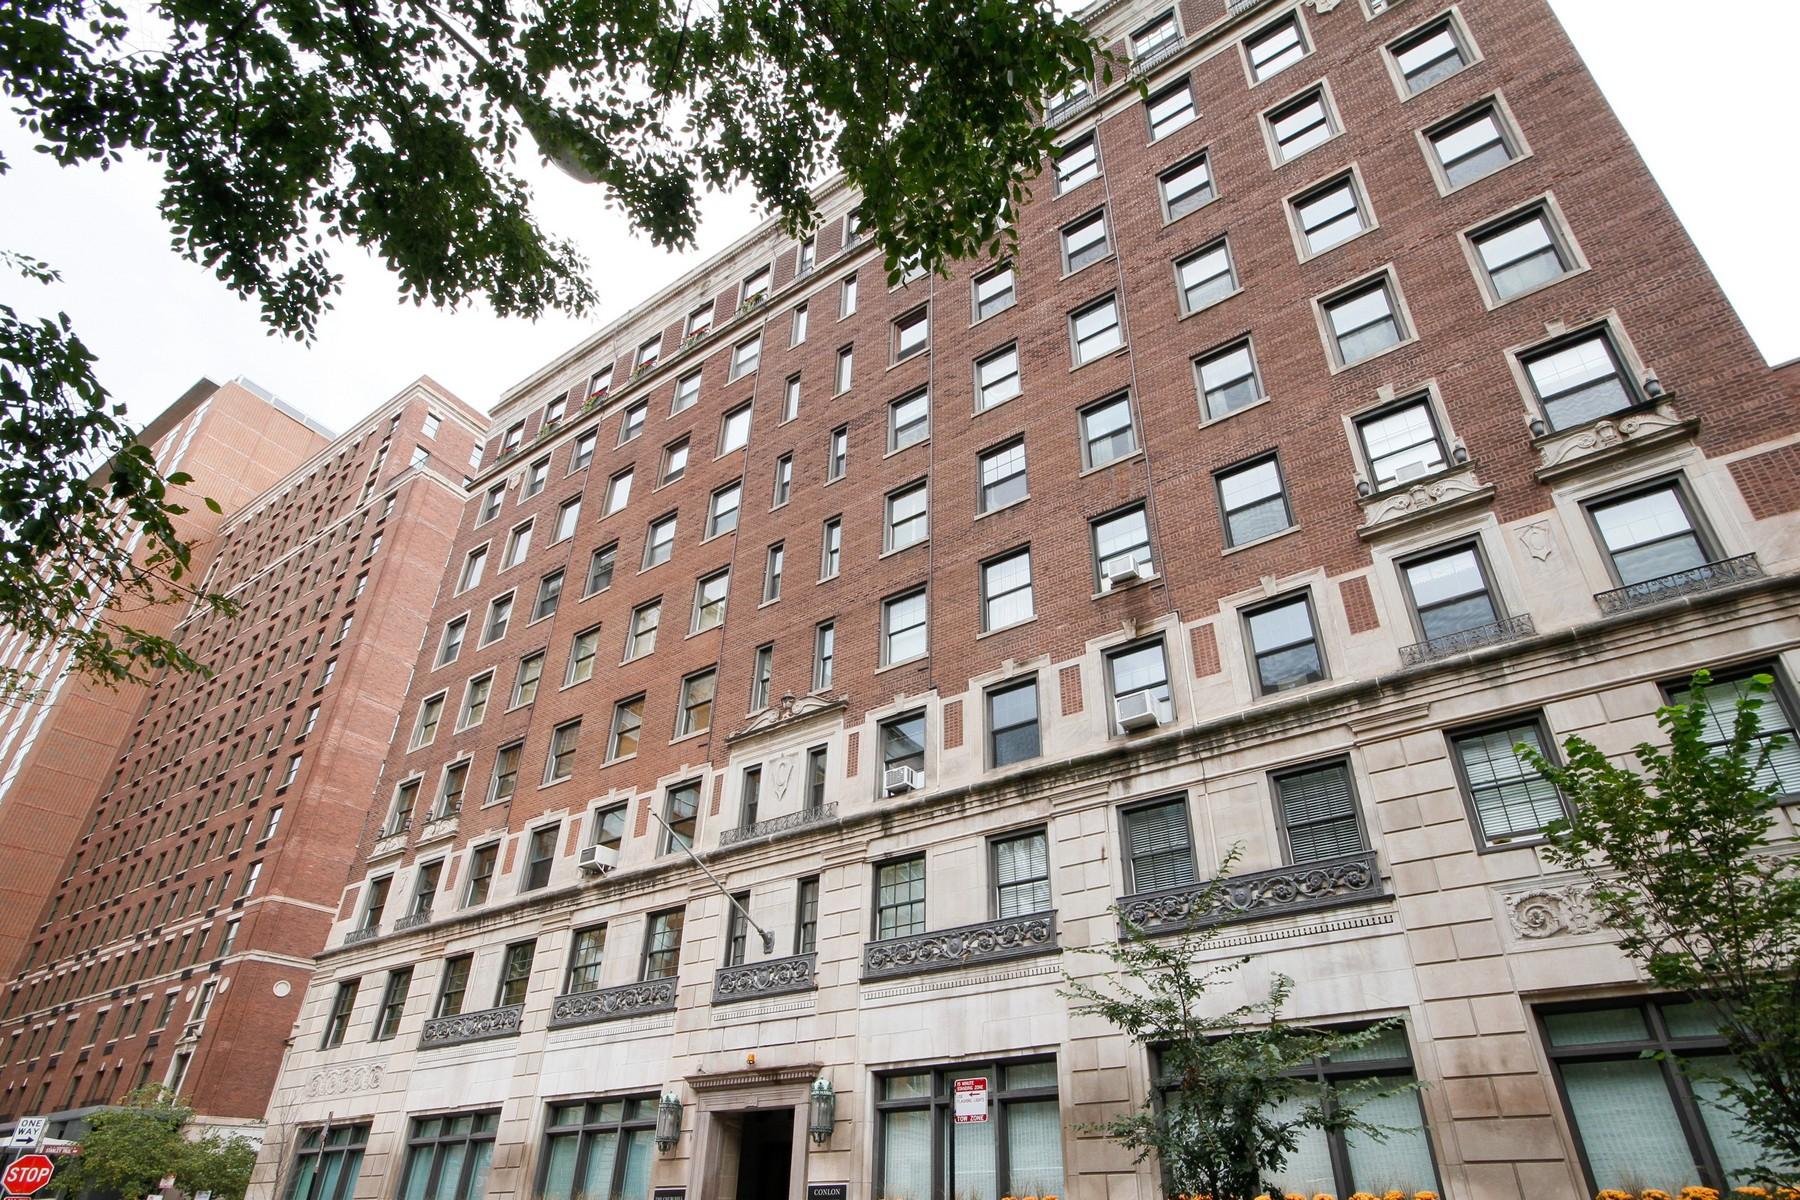 Частный односемейный дом для того Продажа на The Churchill 1255 North State Parkway Unit 5E Near North Side, Chicago, Иллинойс, 60610 Соединенные Штаты